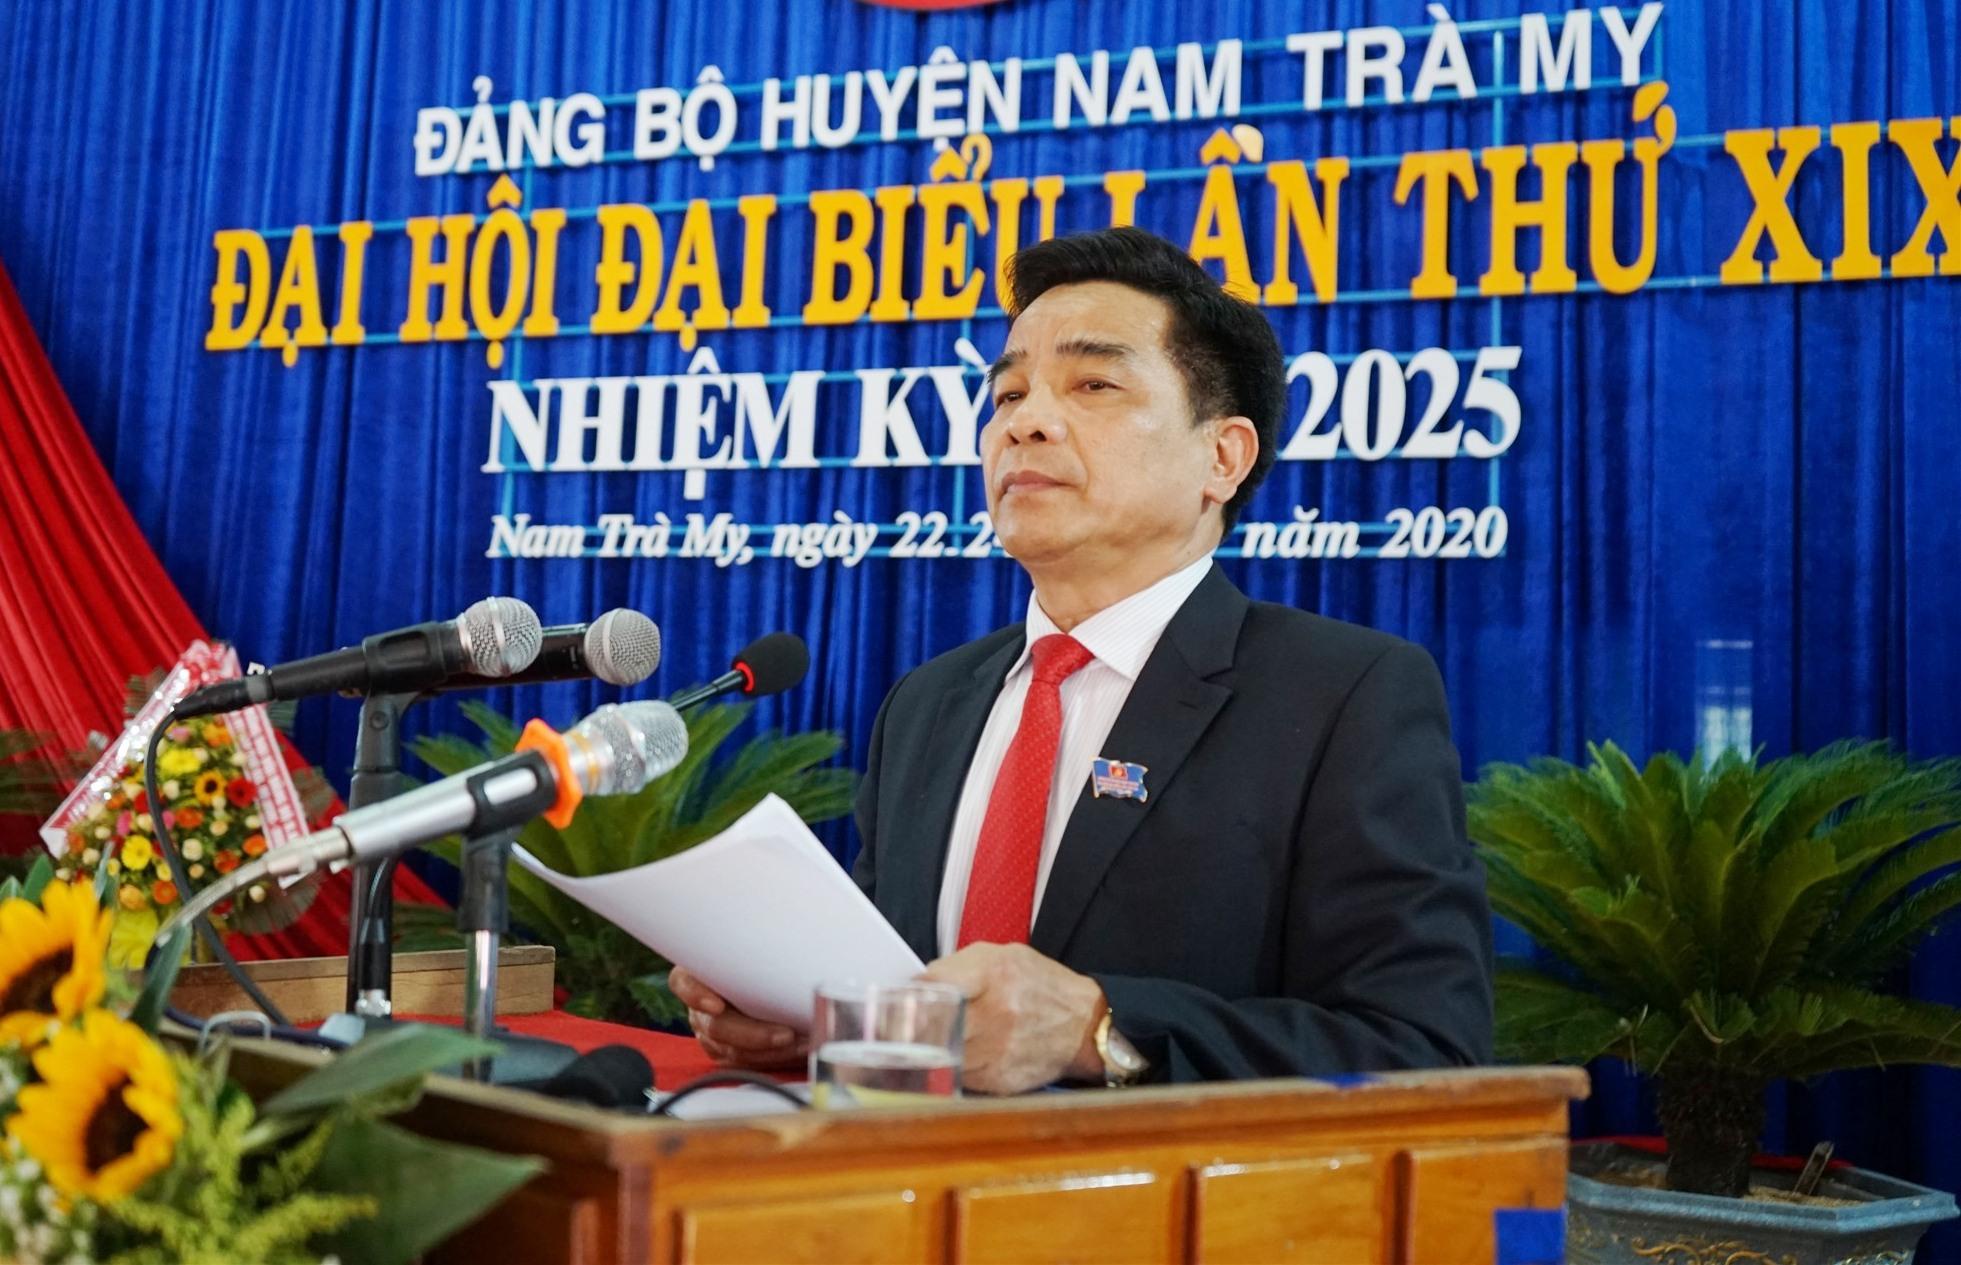 Phó Bí thư thường trực Tỉnh ủy Lê Văn Dũng phát biểu chỉ đạo tại đại hội. Ảnh: N.S